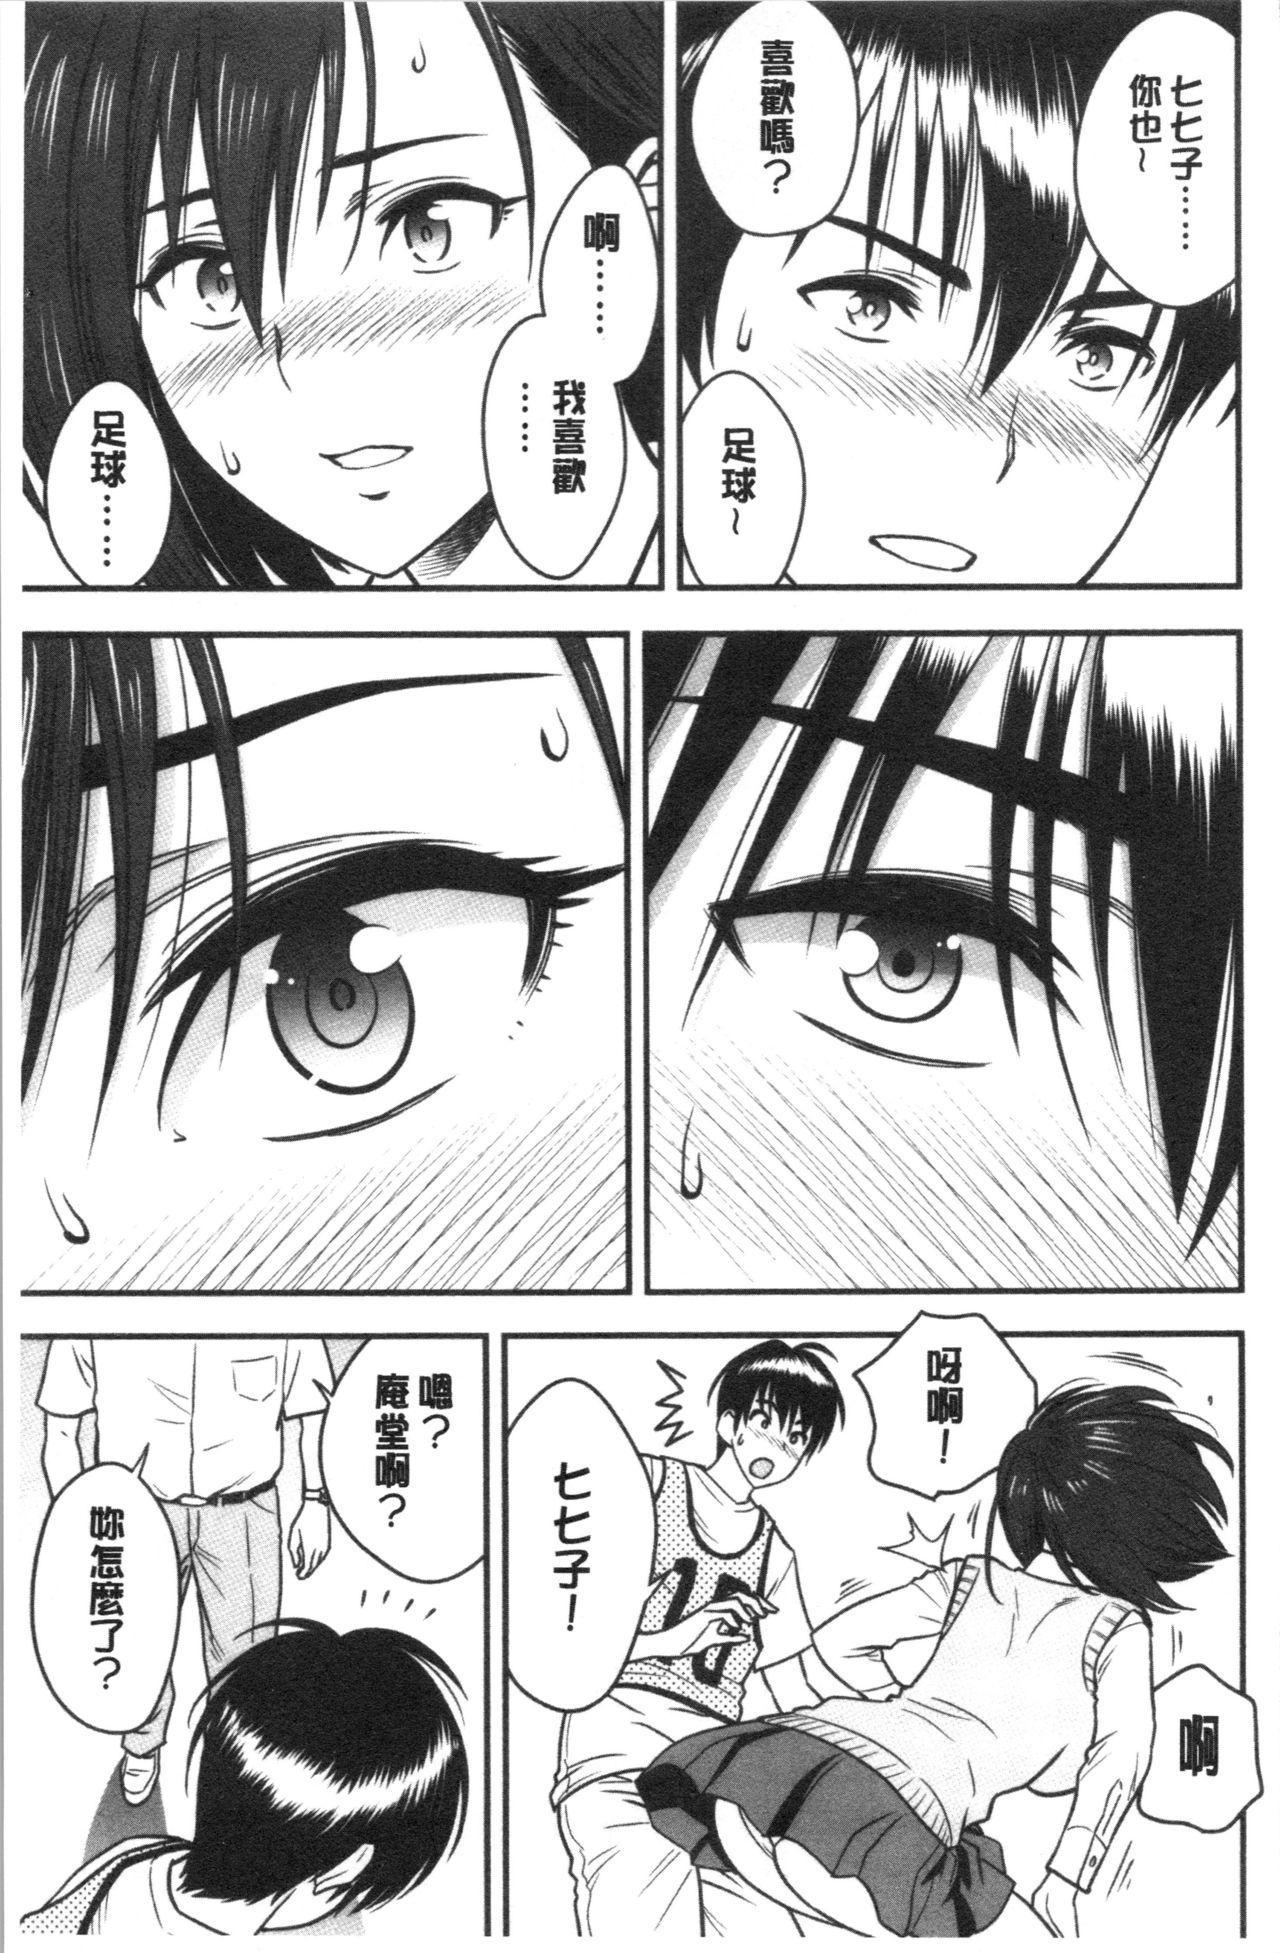 [Tatsunami Youtoku] Dankon Sousai -Hitozuma Kyoushi ga Netorareru made no Kiroku- | 男根想妻 -人妻女教師被寢取偷吃為止的記錄- [Chinese] 139